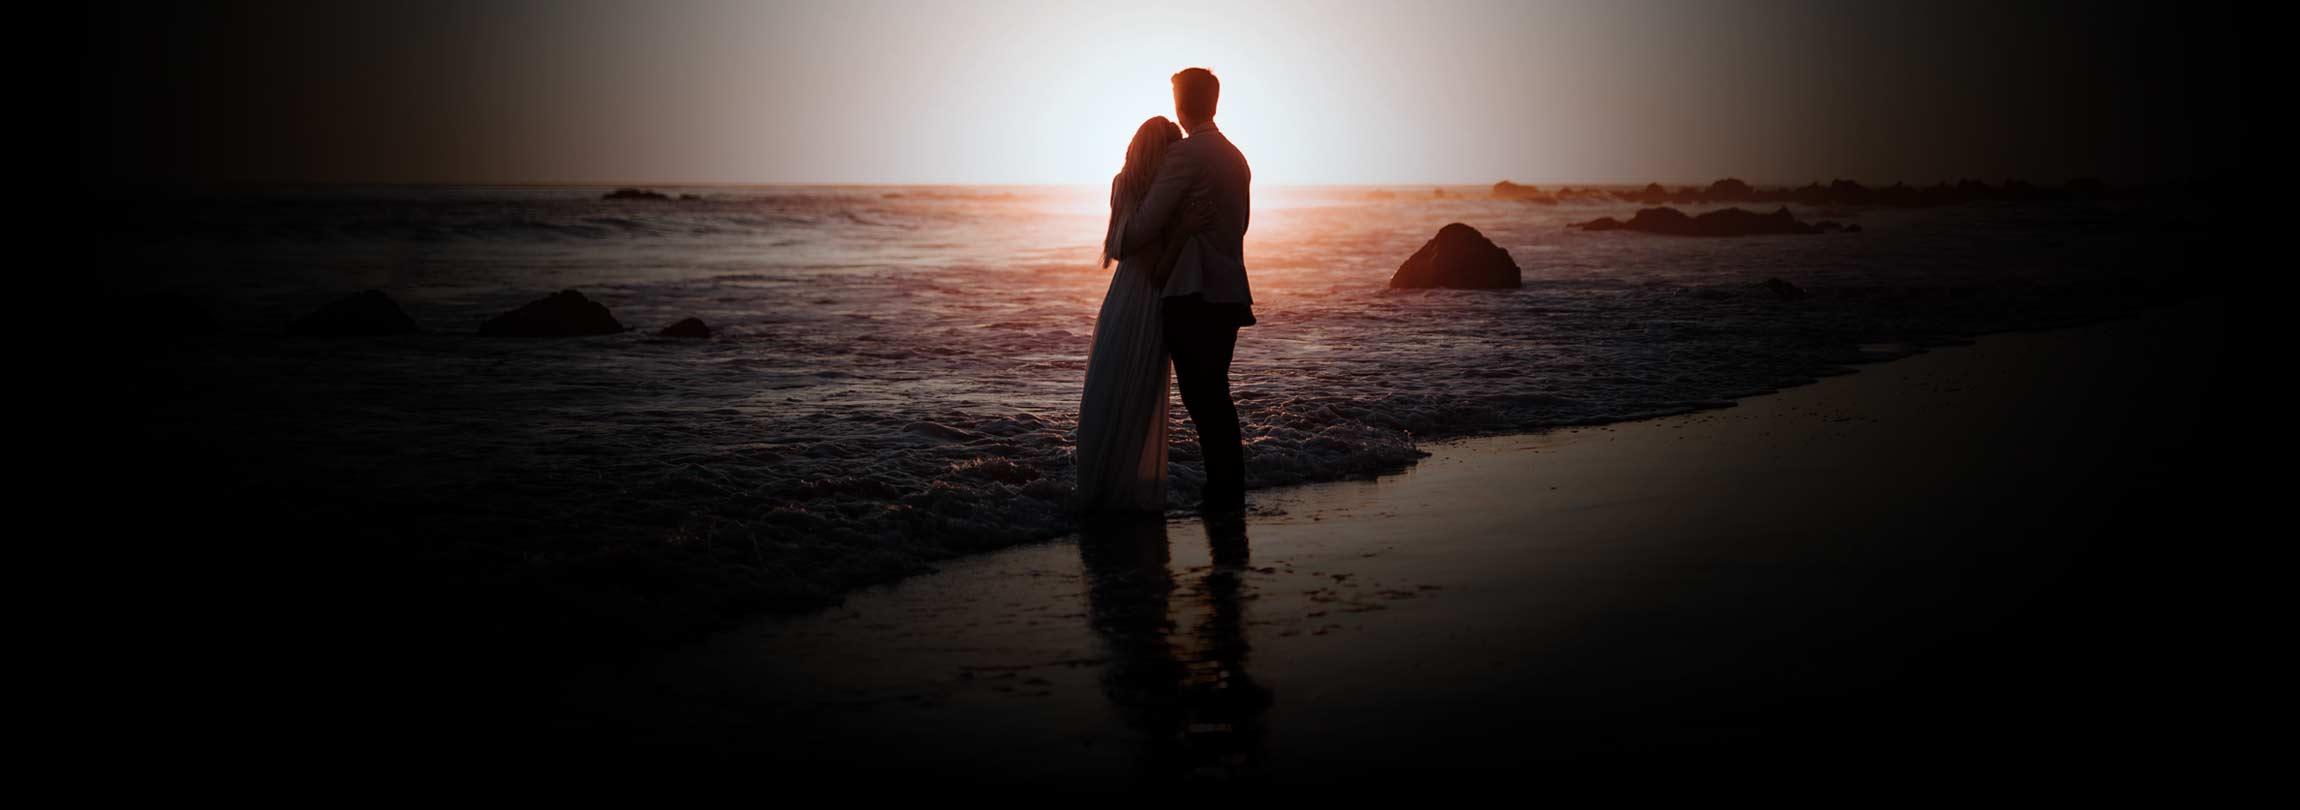 Sexo antes do casamento é pecado mesmo?